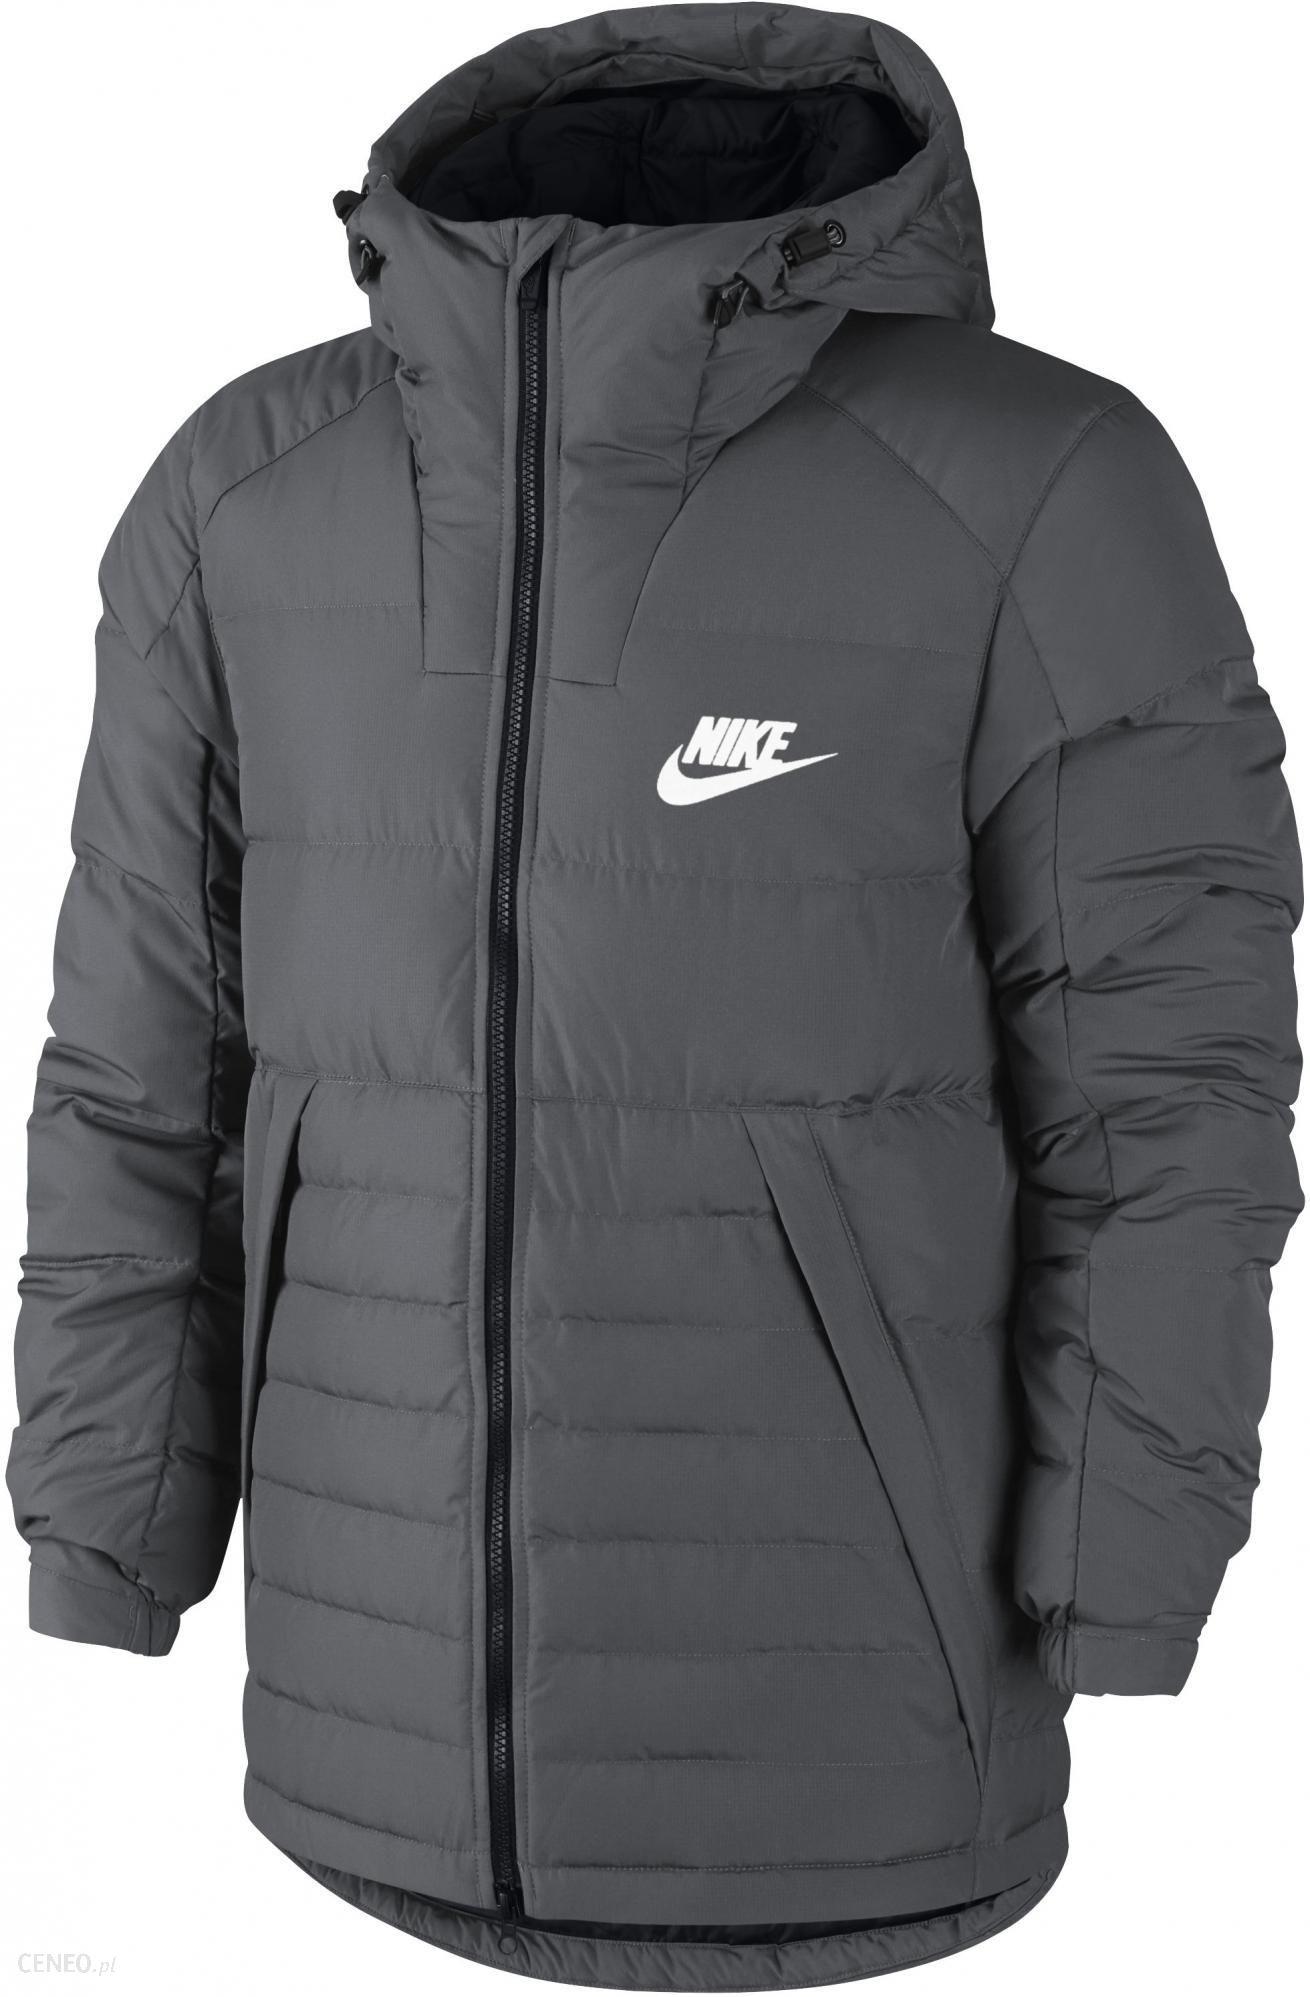 Nike kurtka M NSW DOWN FILL HD JACKET Grey L Ceny i opinie Ceneo.pl